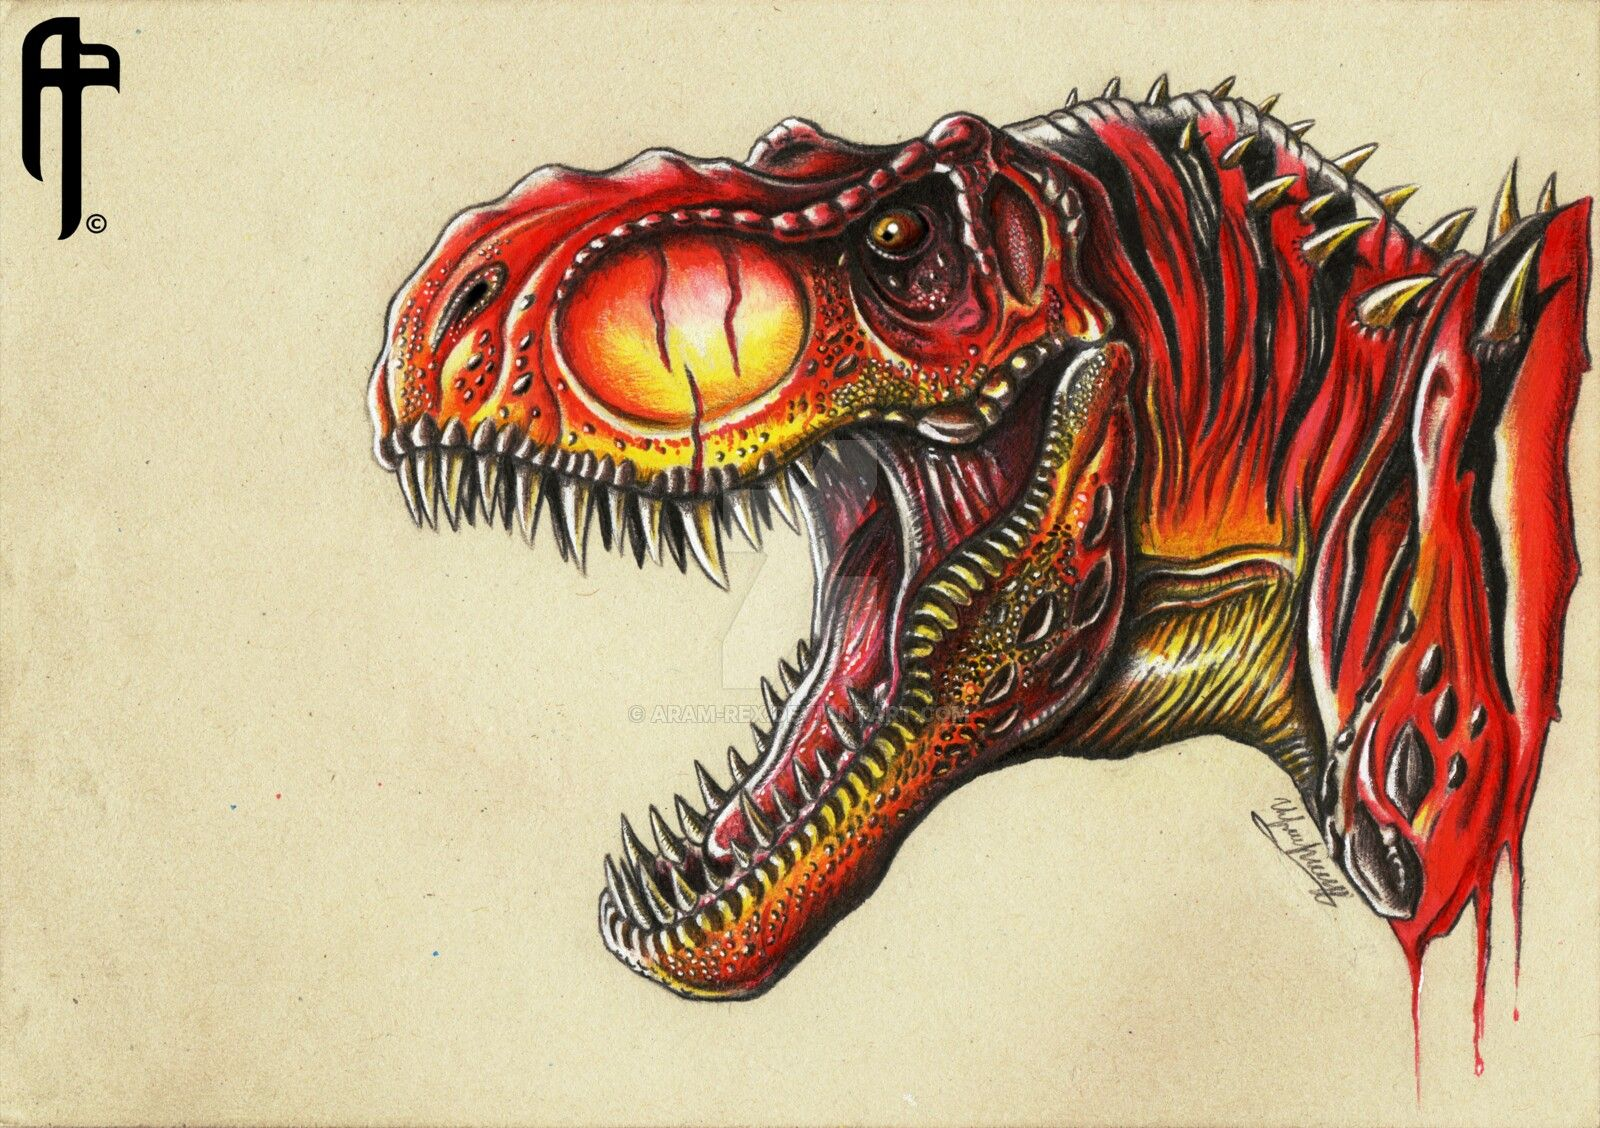 Jurassic Park/Primeval by Presley Atkeisson Jurassic